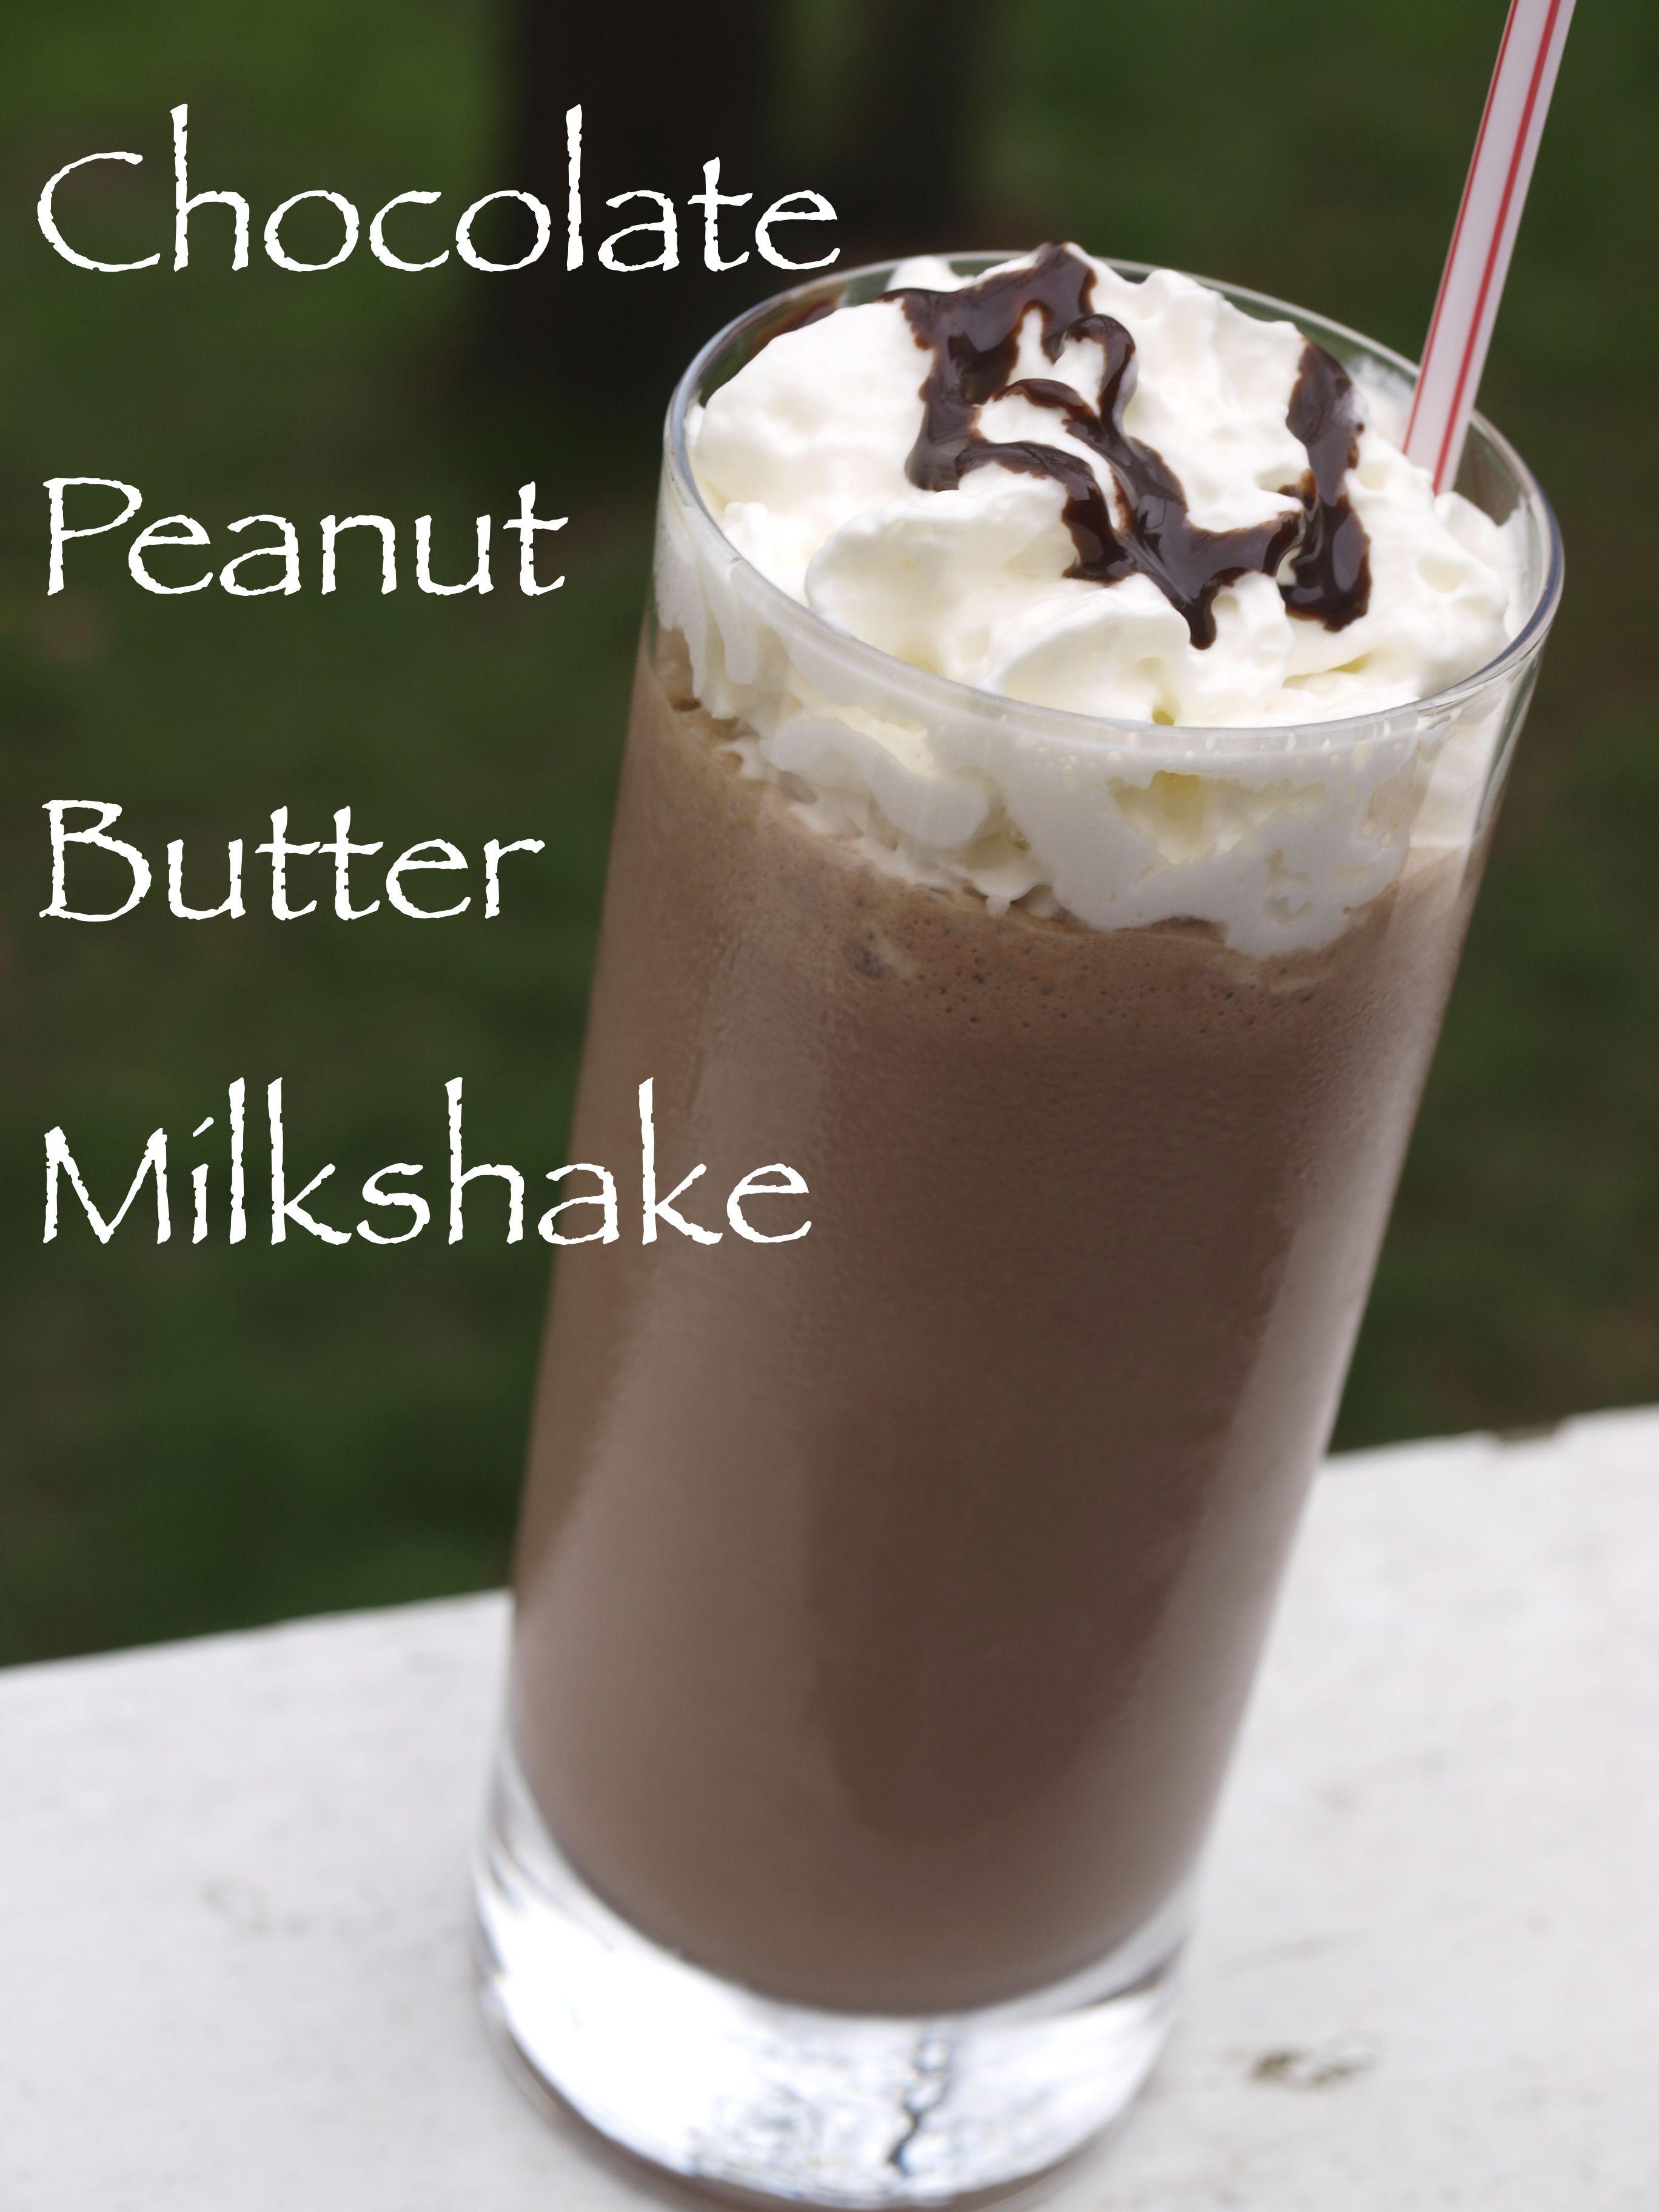 Chocolate Peanut Butter Milkshake Recipe | Englisch, Getränke und Kuchen